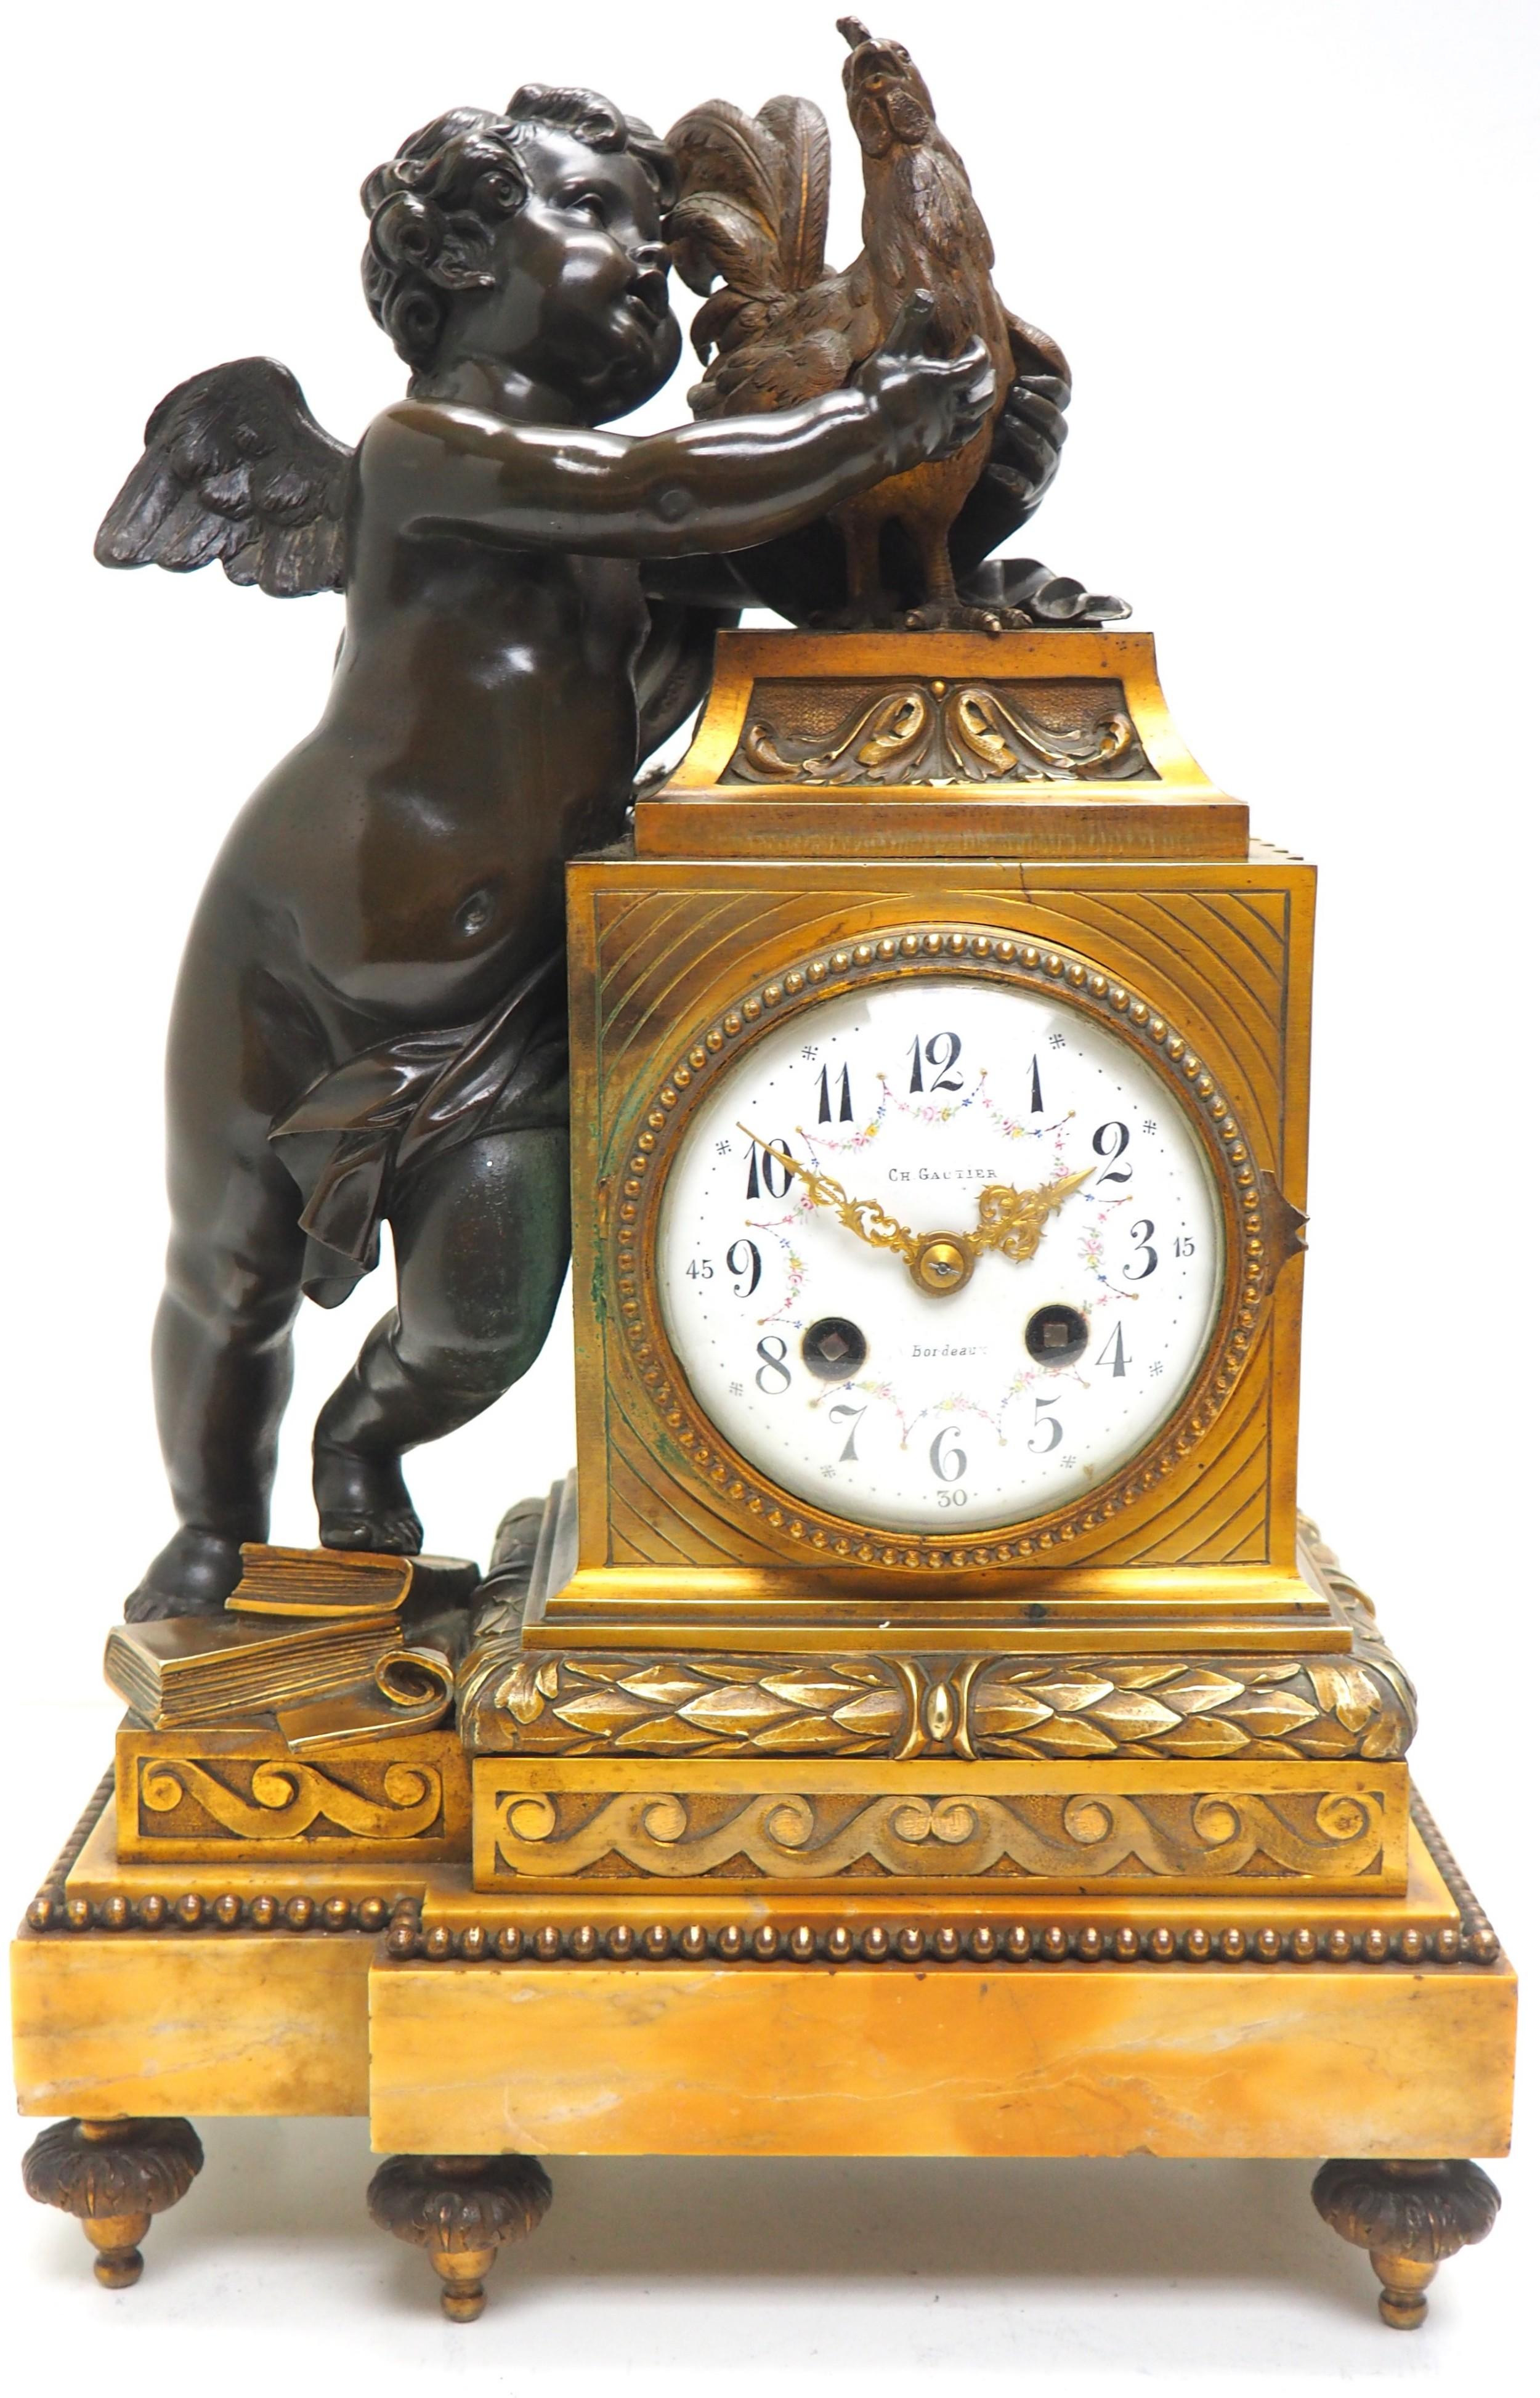 antique ormolu bronze mantel clock cherub roaster solid bronze striking 8day mantle clock by ch gautier